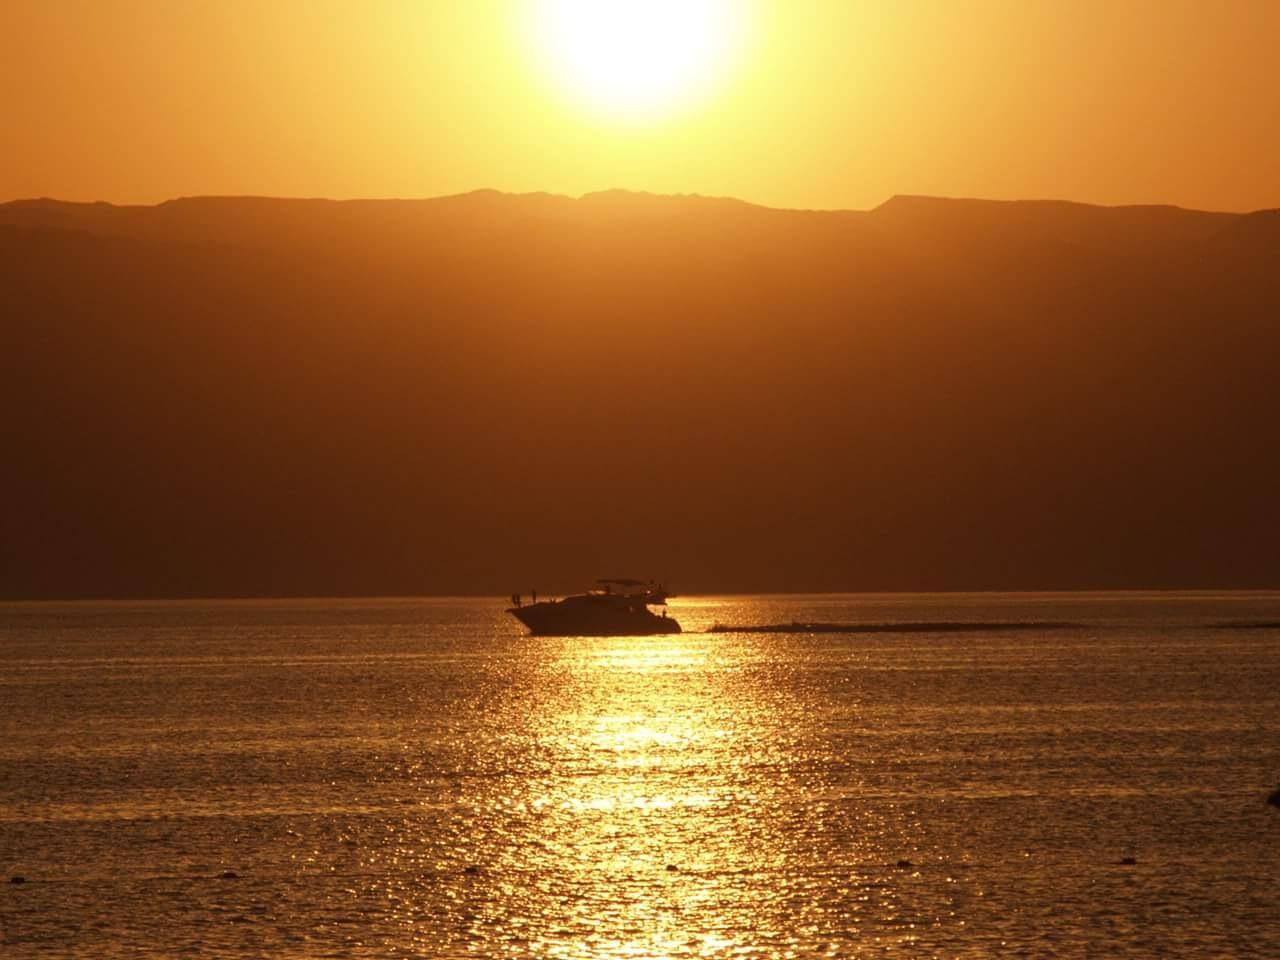 aqaba sunset by aseel karaki